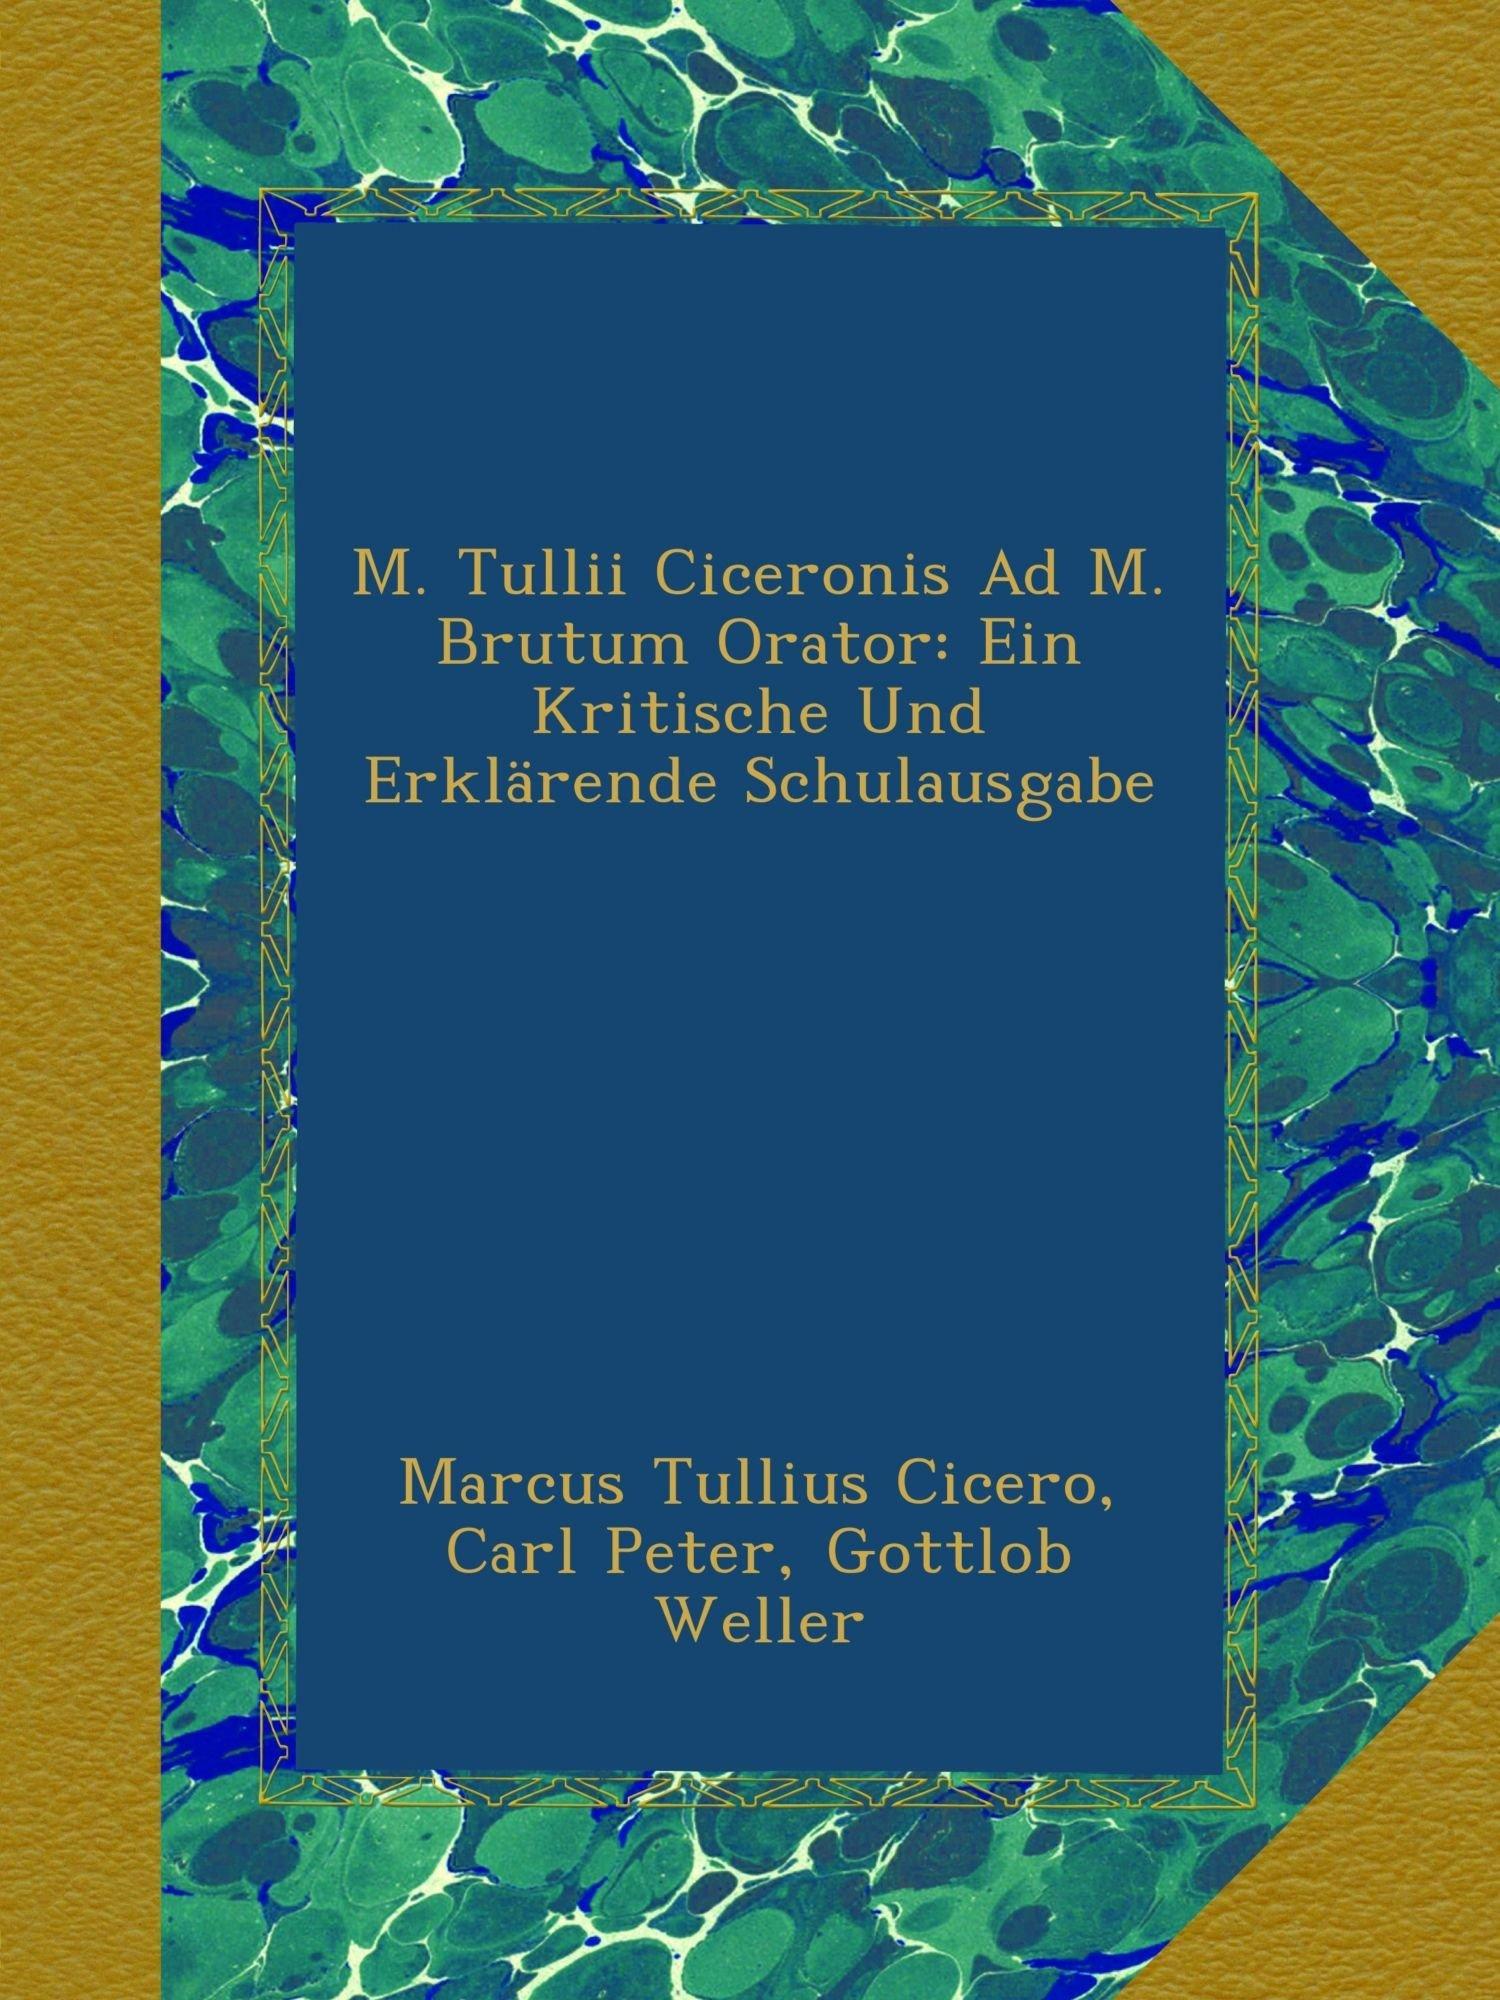 M. Tullii Ciceronis Ad M. Brutum Orator: Ein Kritische Und Erklärende Schulausgabe (German Edition) Text fb2 book